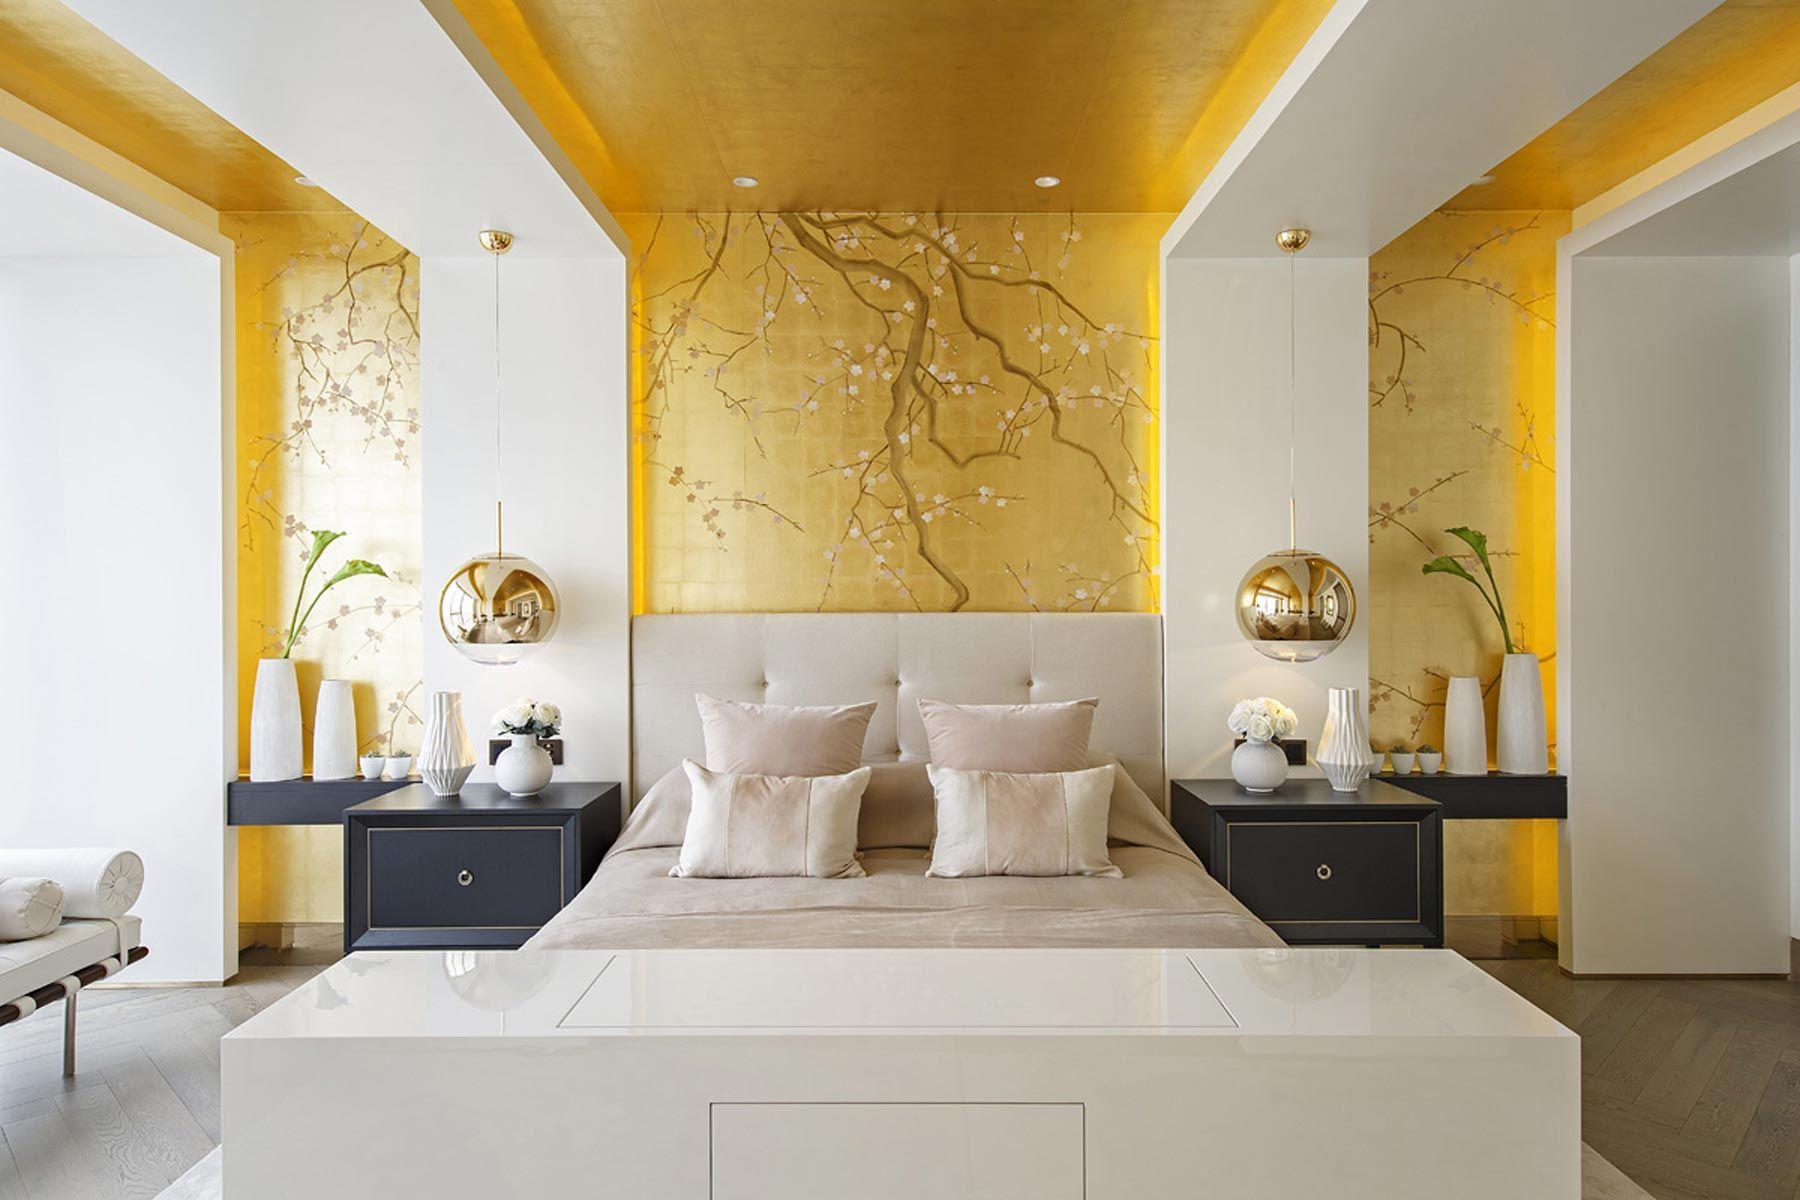 Innenarchitektur von schlafzimmermöbeln pin von michelle k auf unser bauernhof in   pinterest